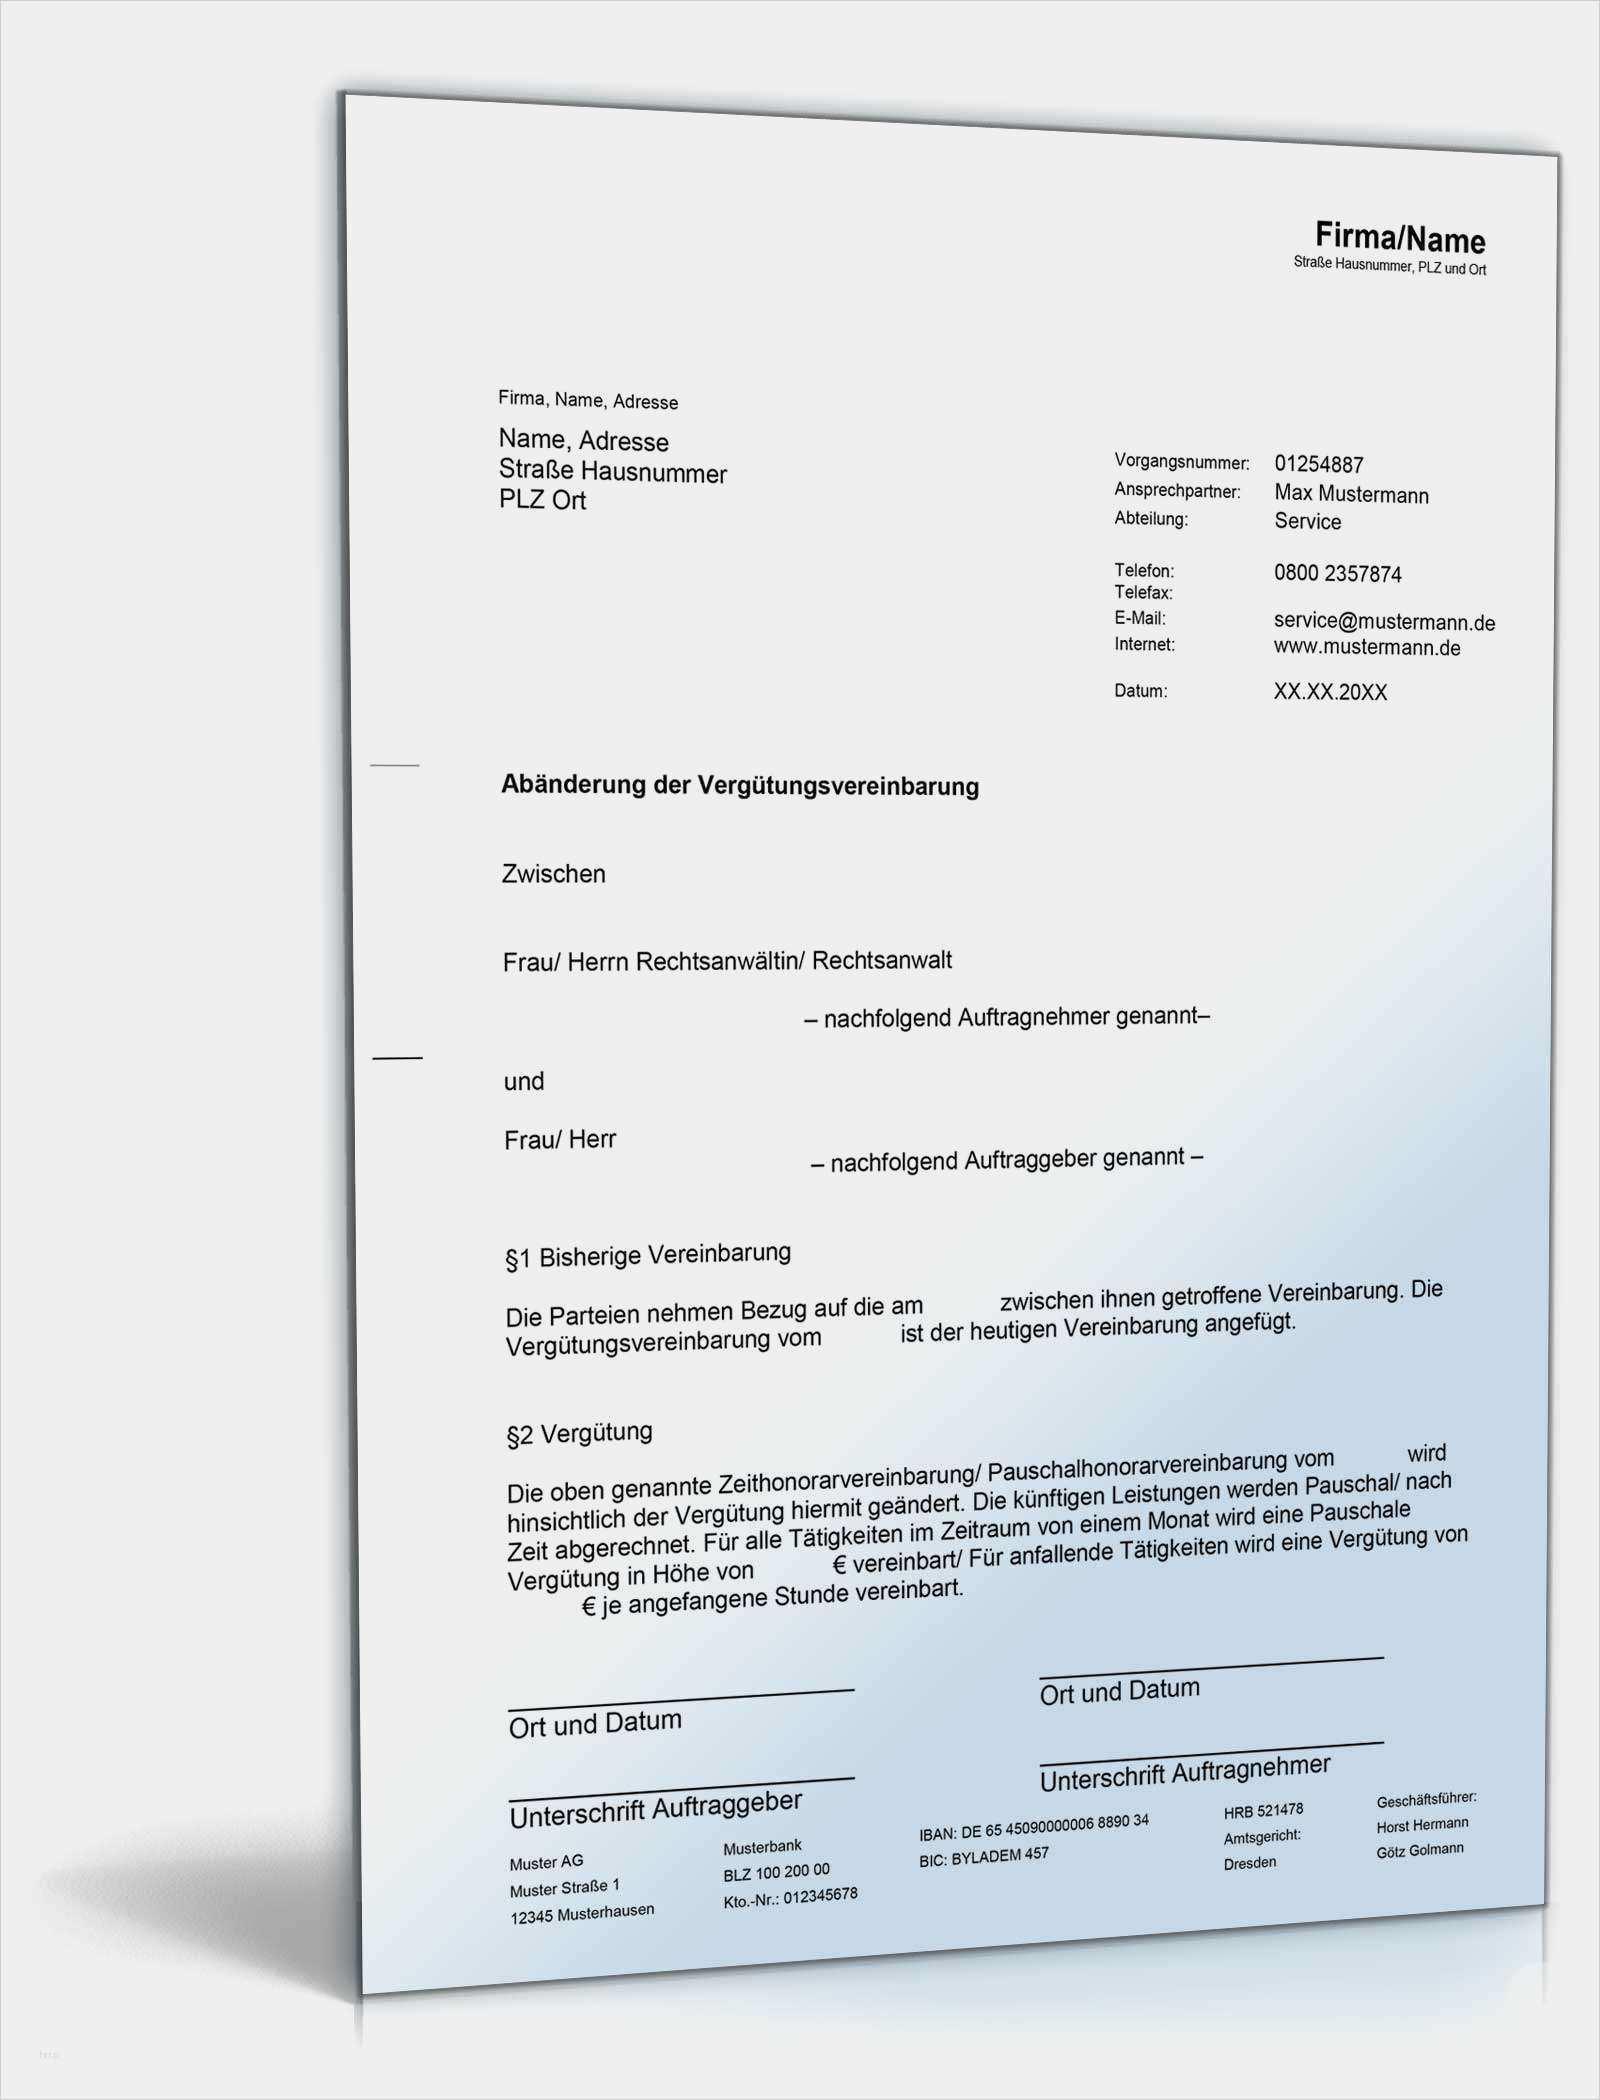 34 Genial Darlehensvertrag Vorlage Kostenlos Abbildung Briefvorlagen Indesign Vorlage Vorlagen